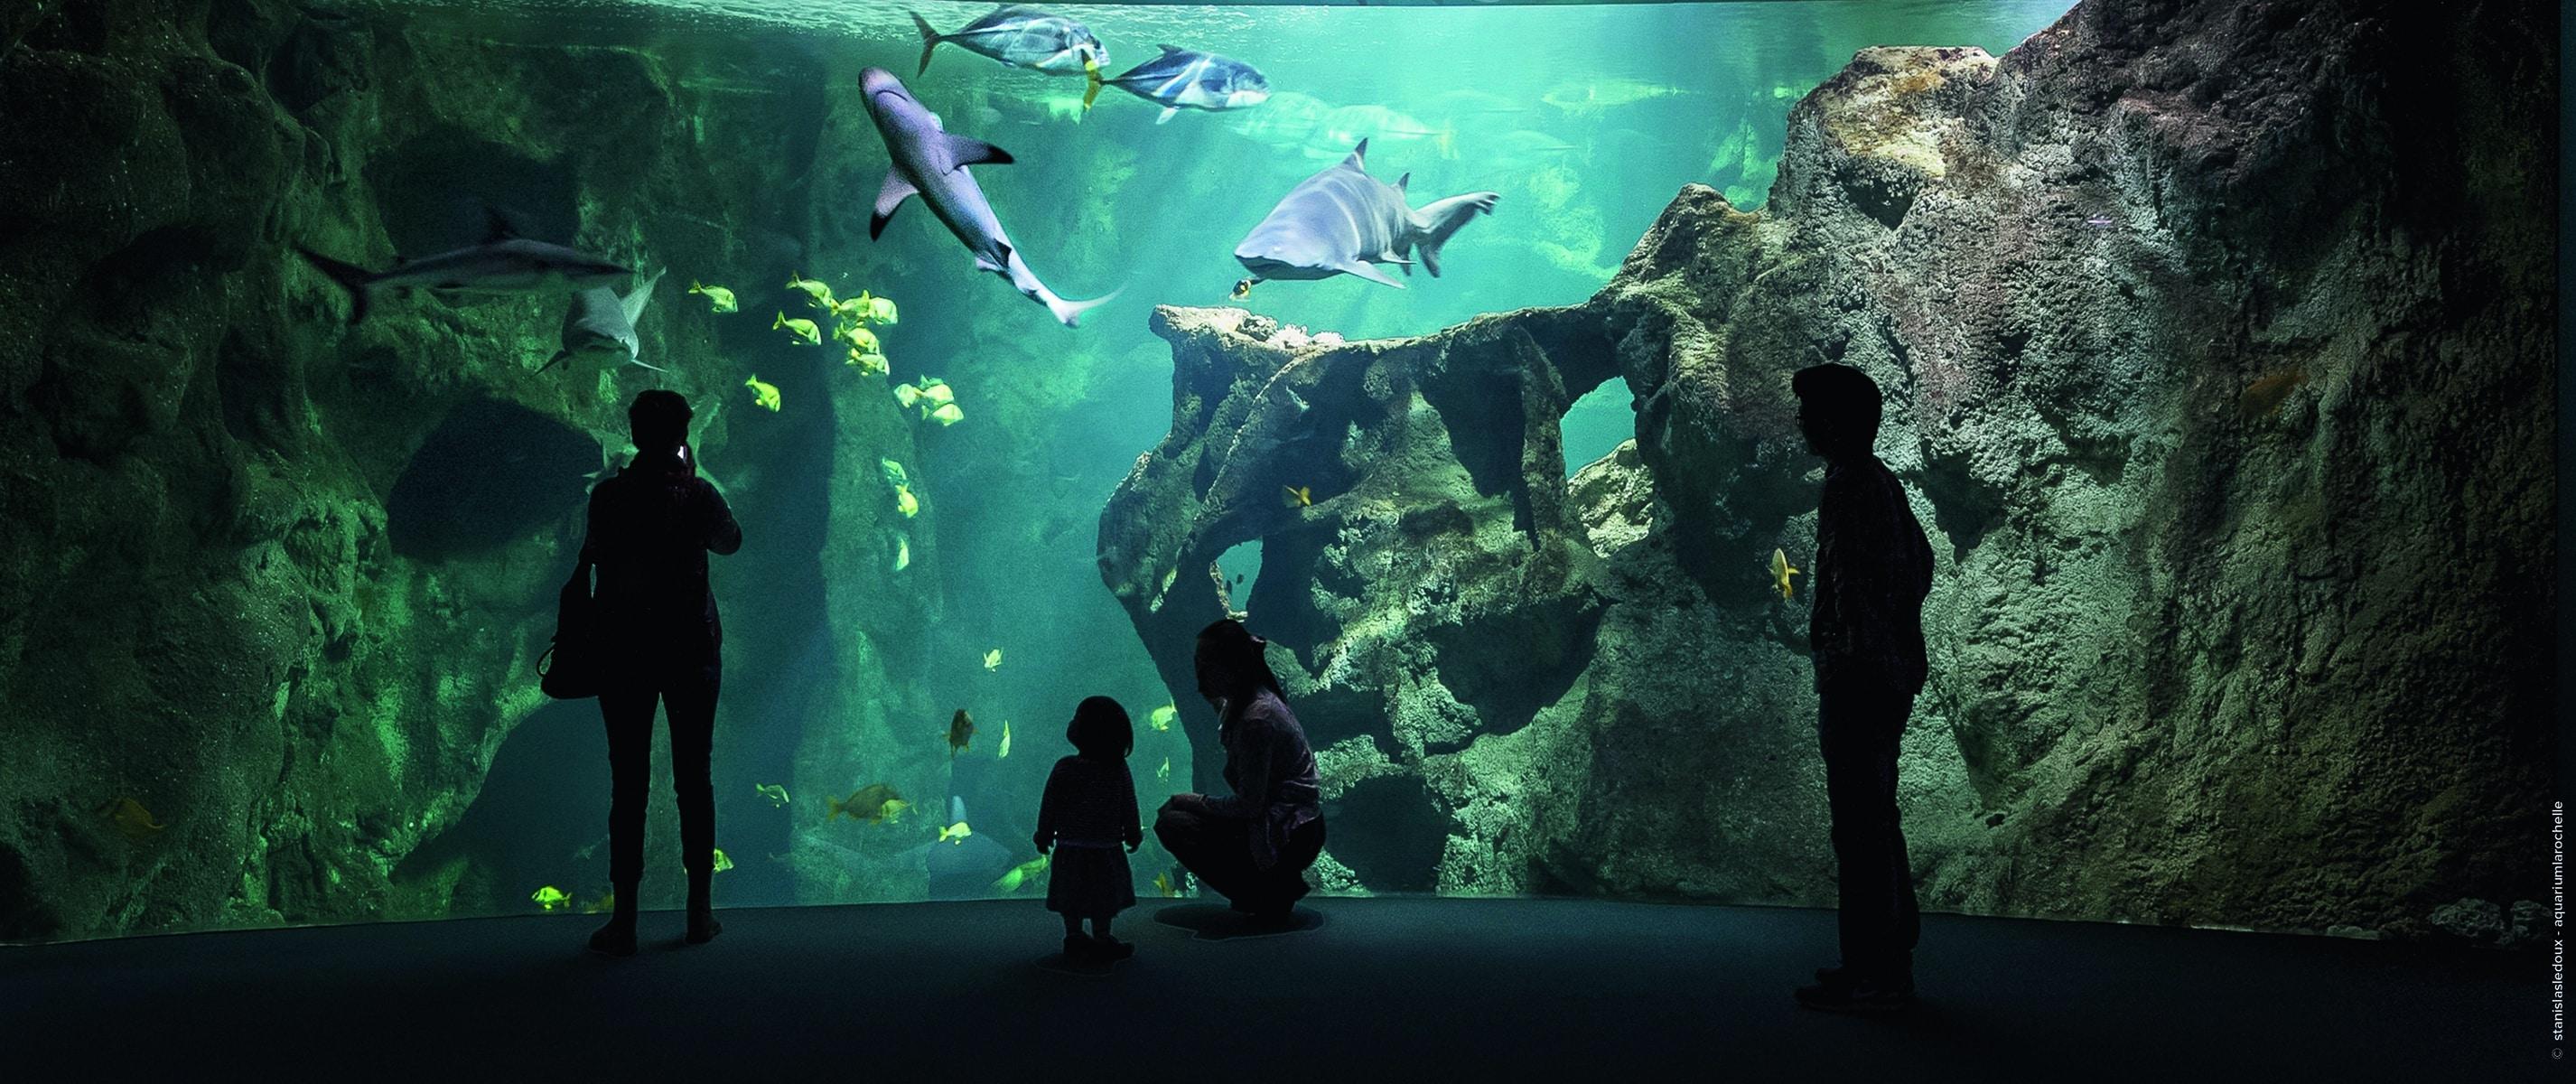 l'aquarium de La Rochelle @stanislasledoux